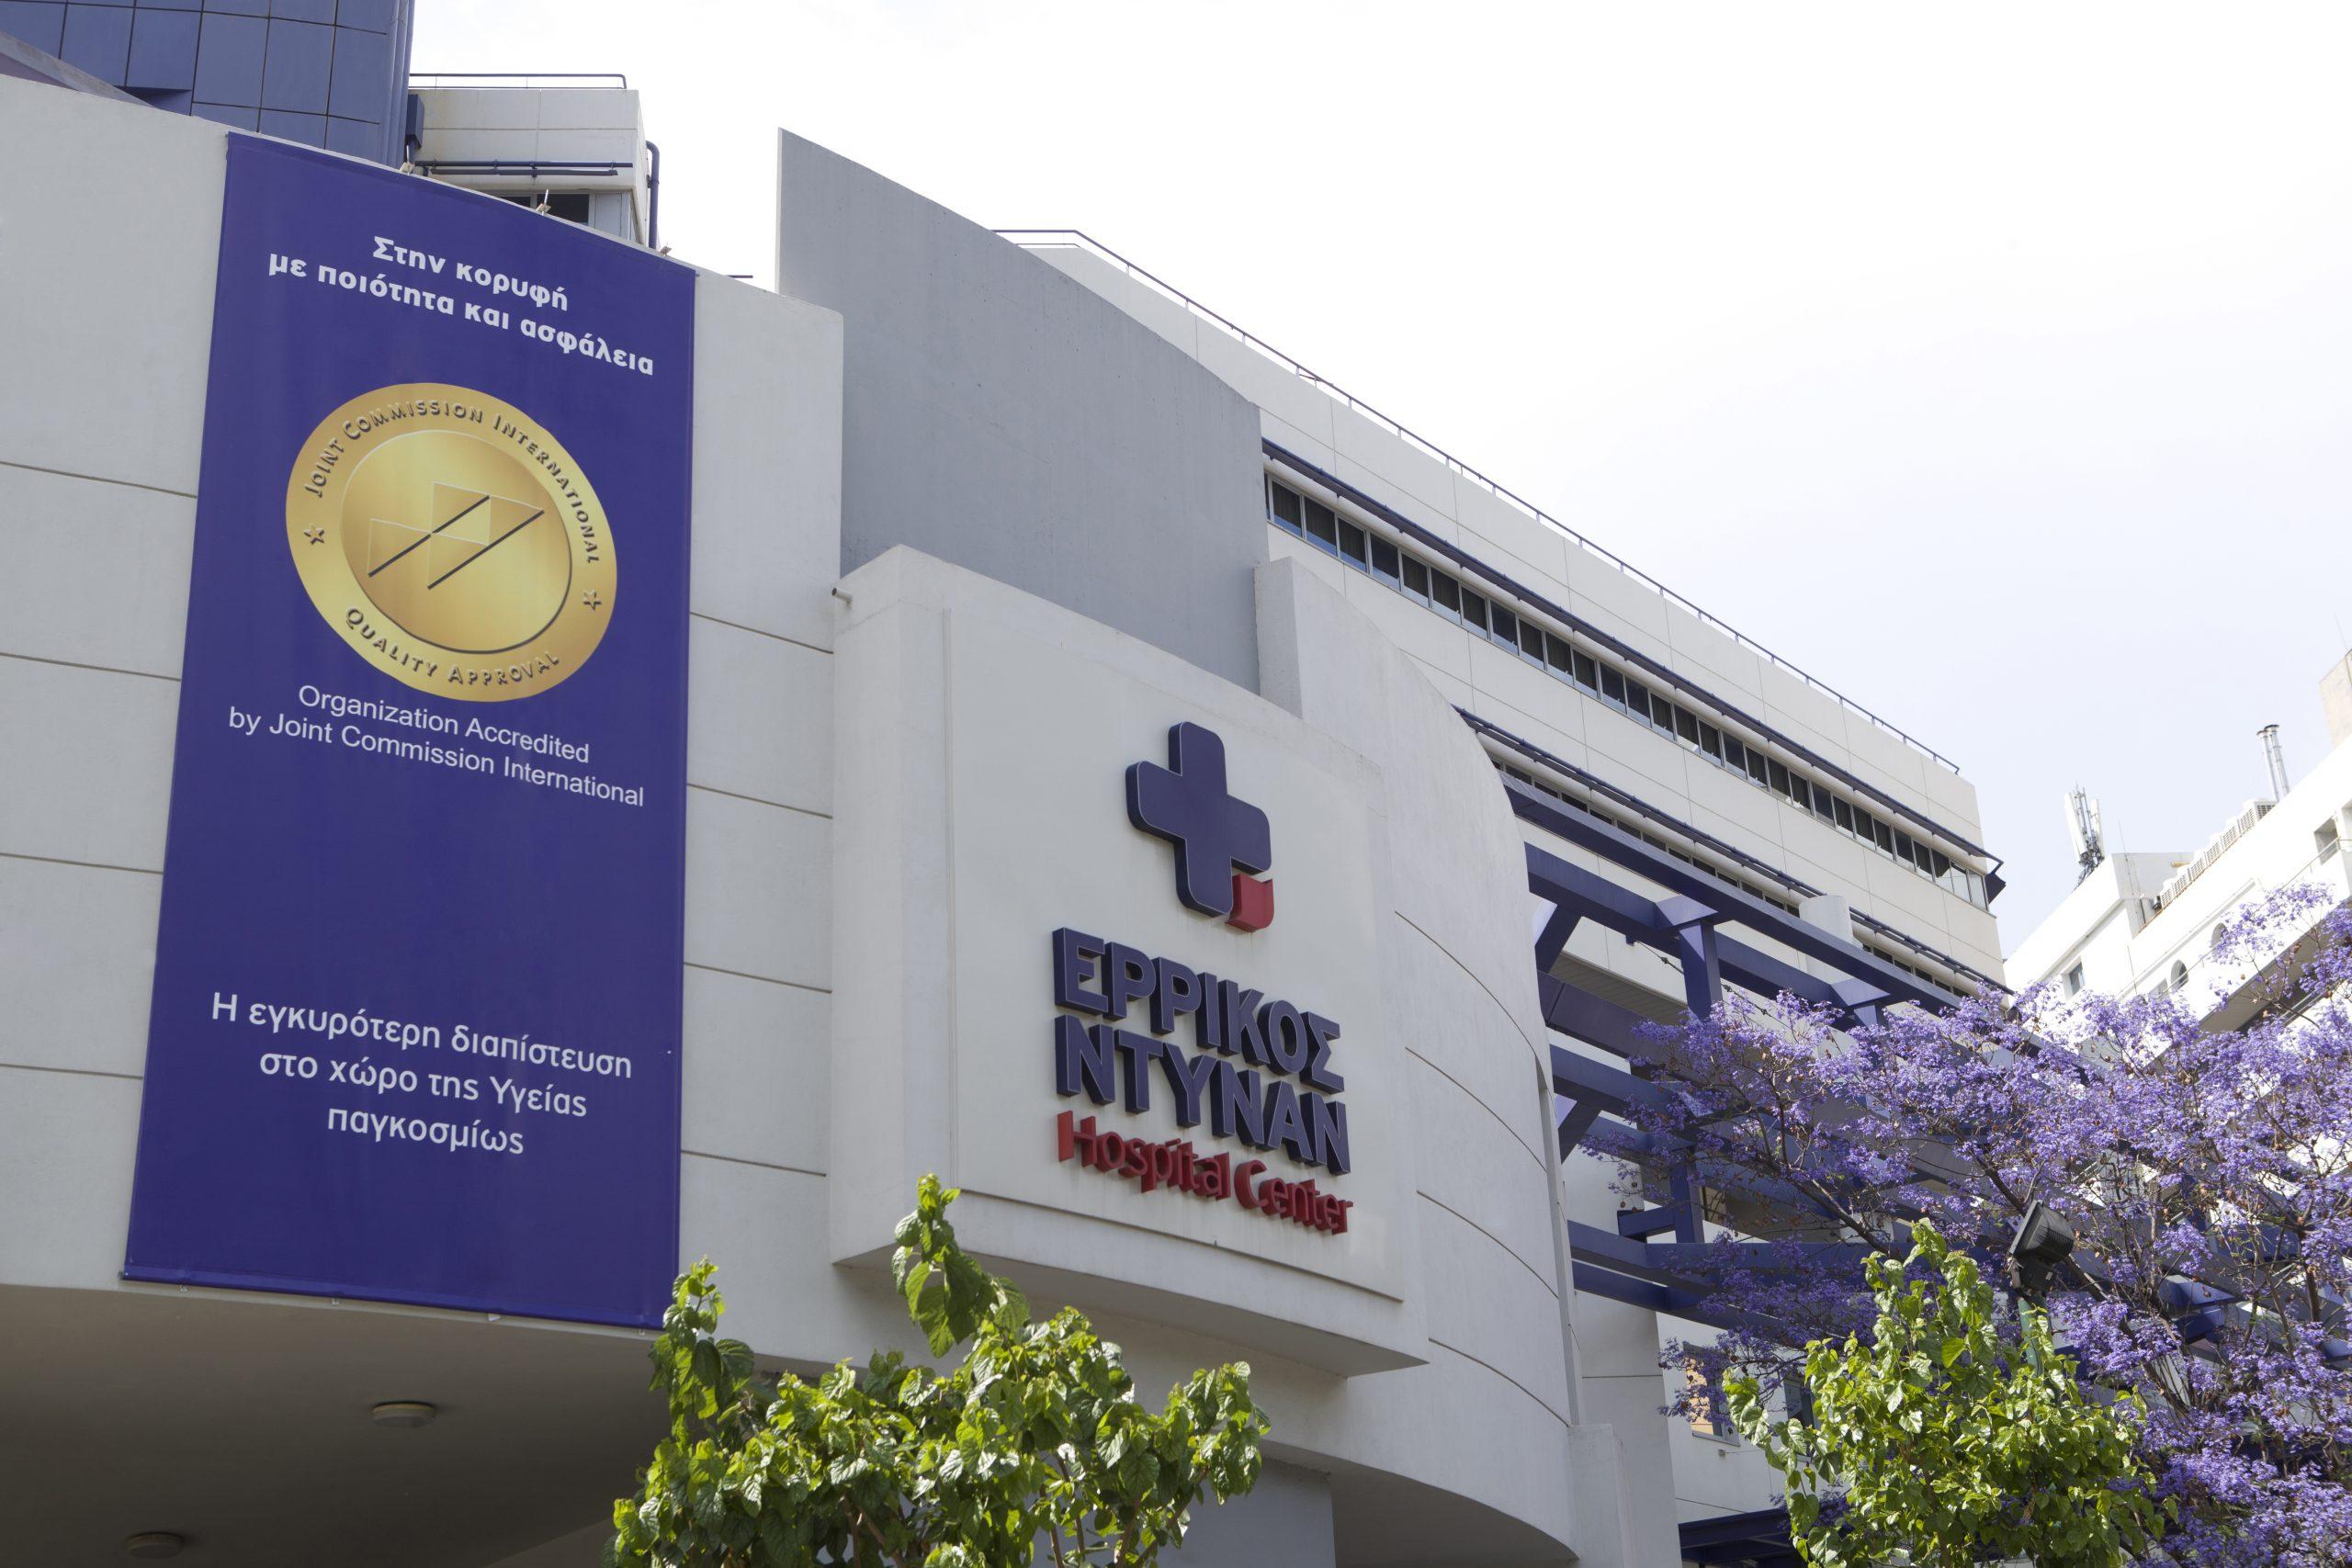 Ερρίκος Ντυνάν: 5.900 περιστατικά  και 1.960 νοσηλείες στις εφημερίες του ΕΣΥ